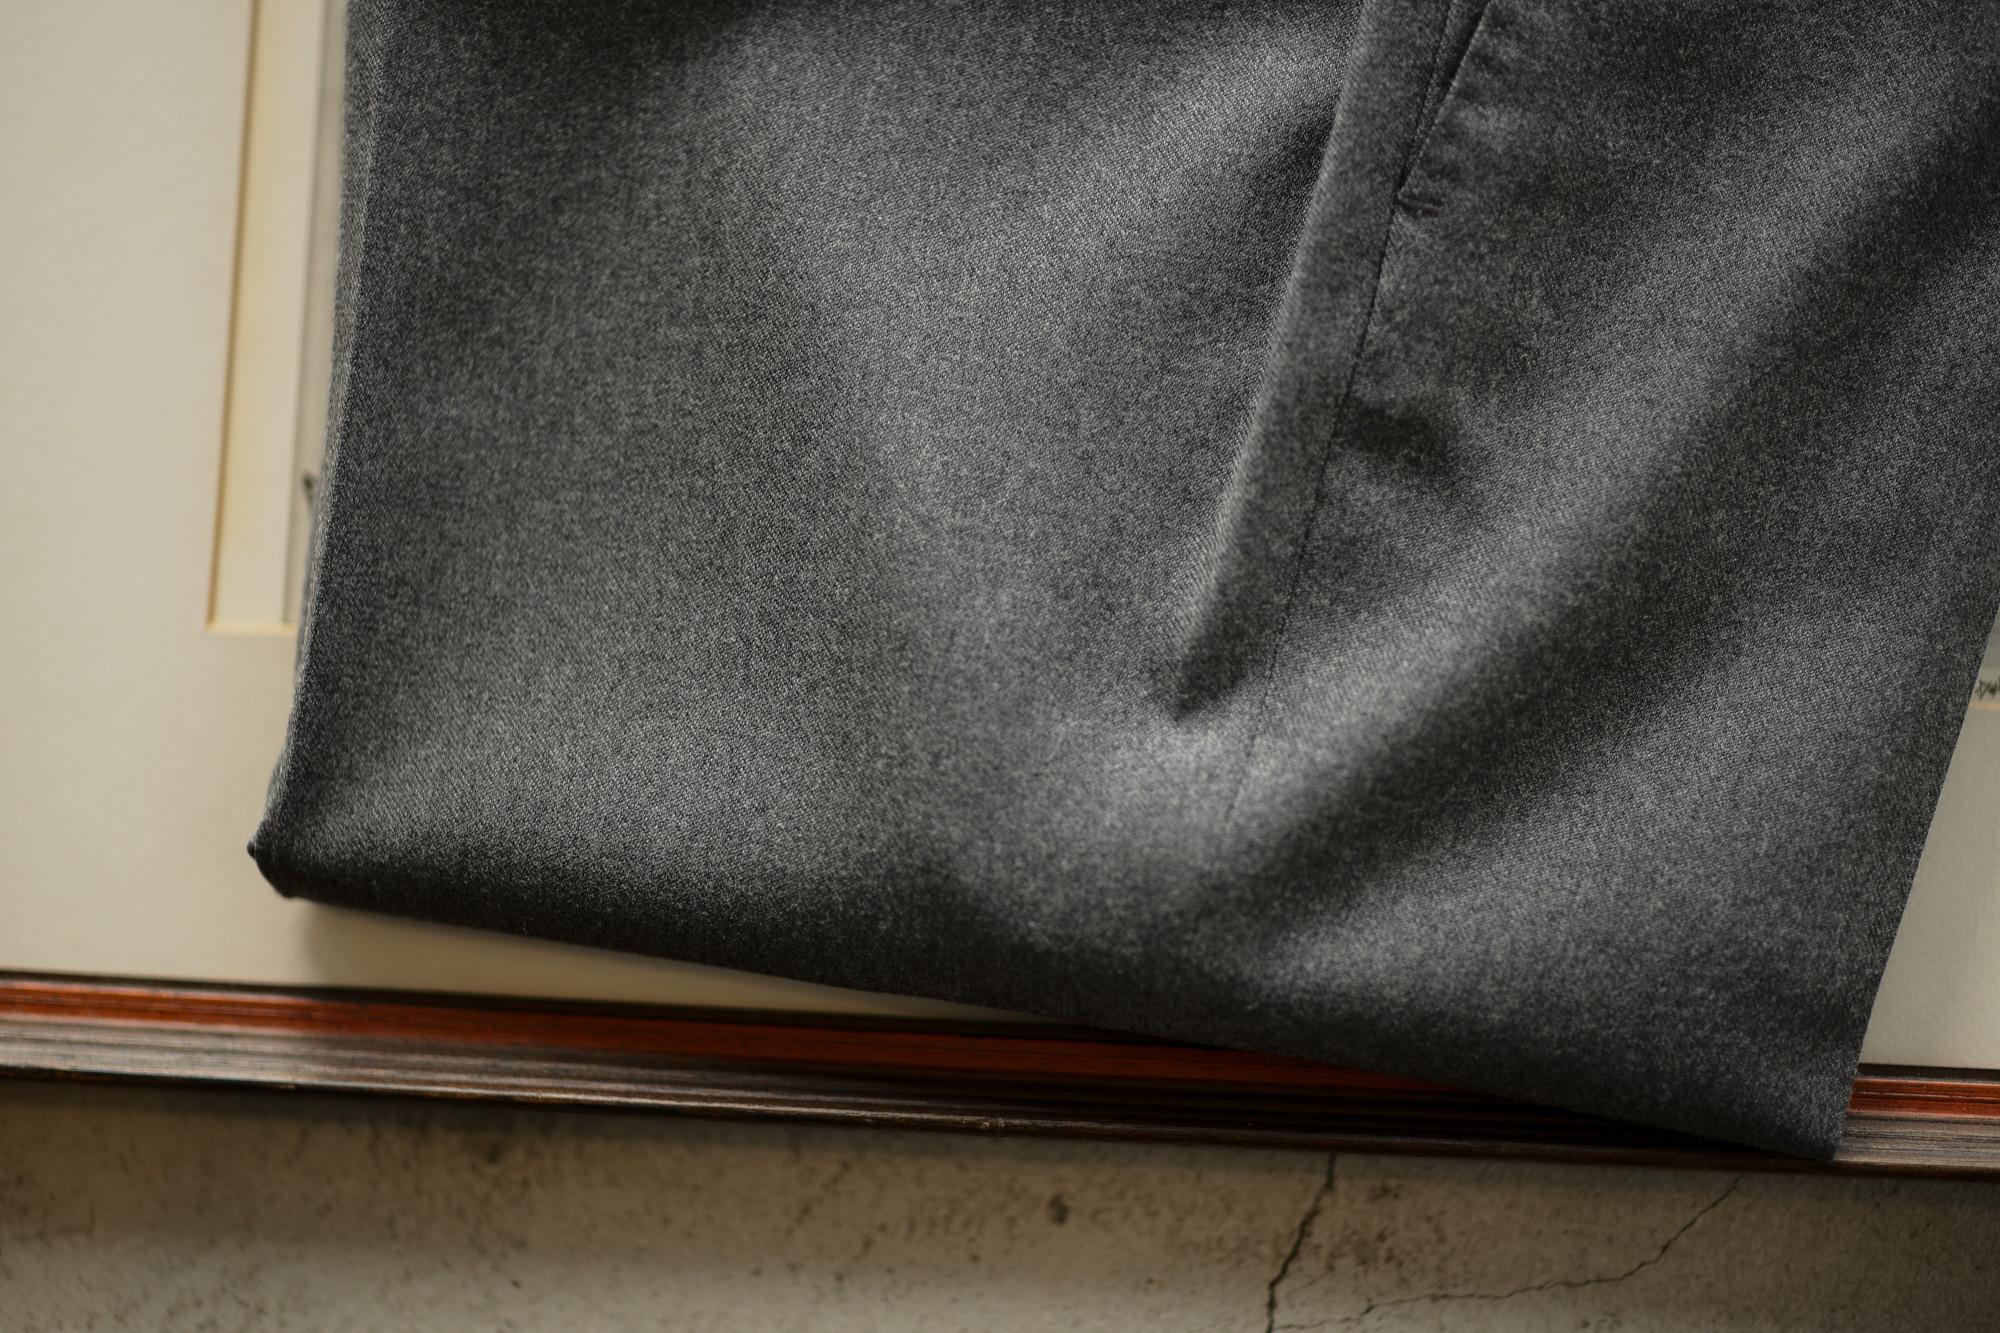 INCOTEX (インコテックス) N35 SLIM FIT (1NG035R) TECHNO FLANNEL URBAN TRAVELLER (テクノ フランネル アーバン トラベラー) ストレッチ ウォッシャブル フランネル ウール スラックス MEDIUM GRAY (ミディアムグレー・910) 2018 秋冬新作 incotex alto e diritto altoediritto アルトエデリット グレスラ グレースラックス 愛知 名古屋 セレクトショップ 洋服屋